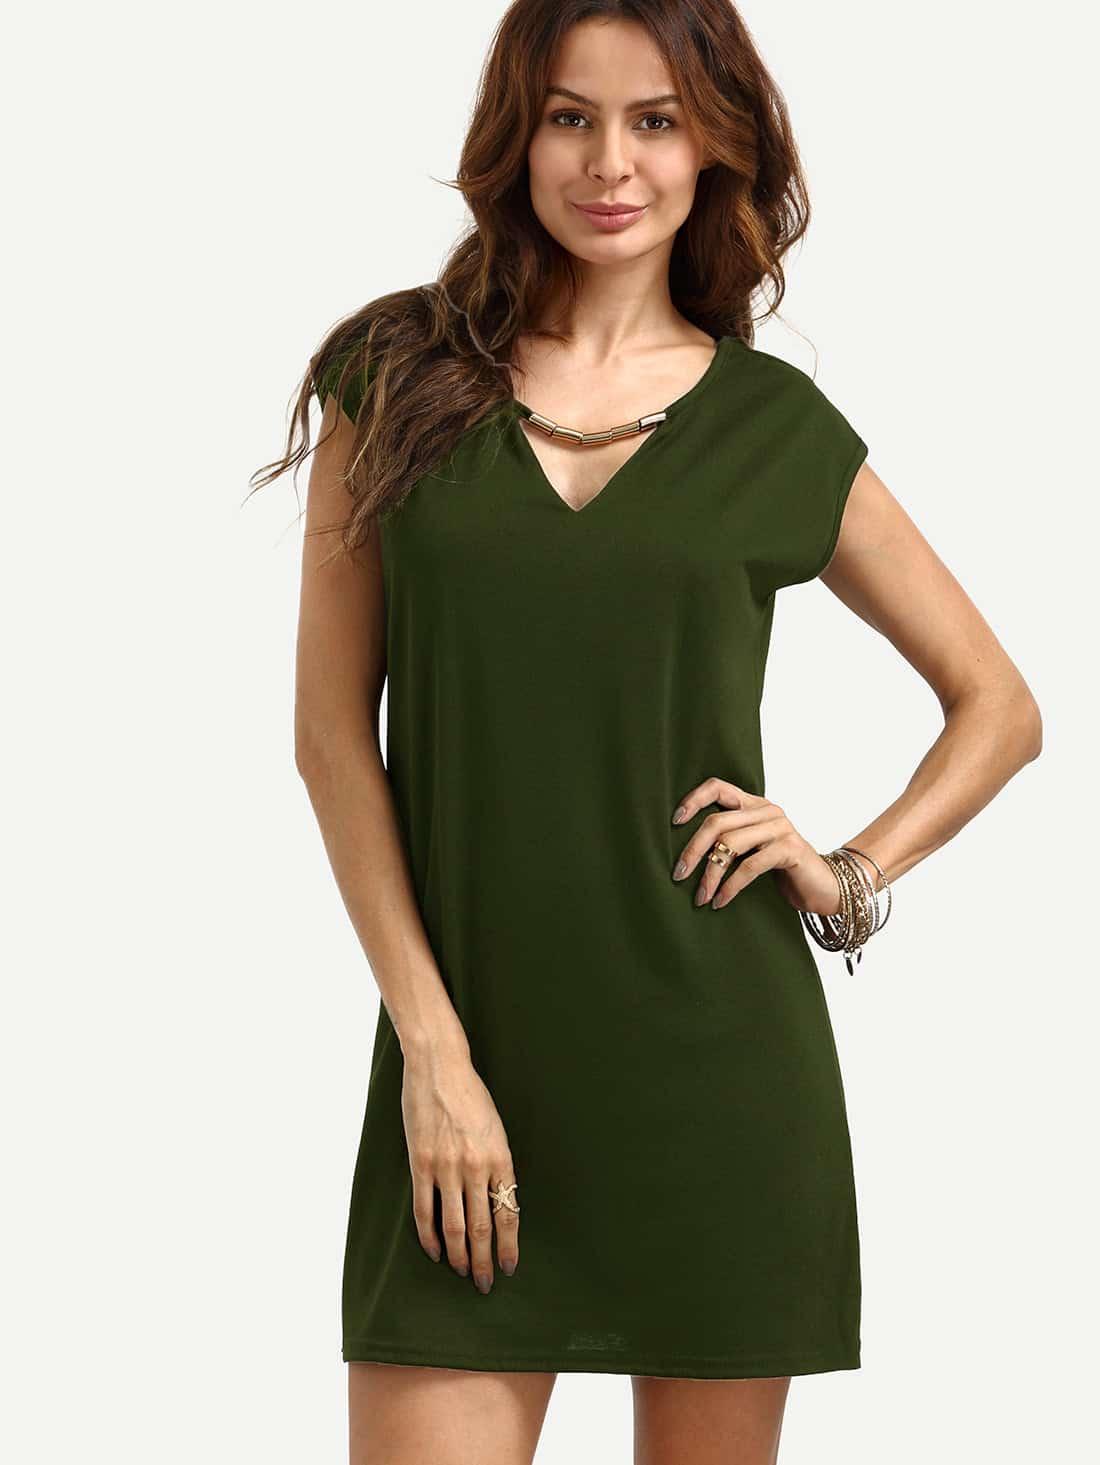 Army Green V Neck Shift DressArmy Green V Neck Shift Dress<br><br>color: Army Green<br>size: L,M,S,XL